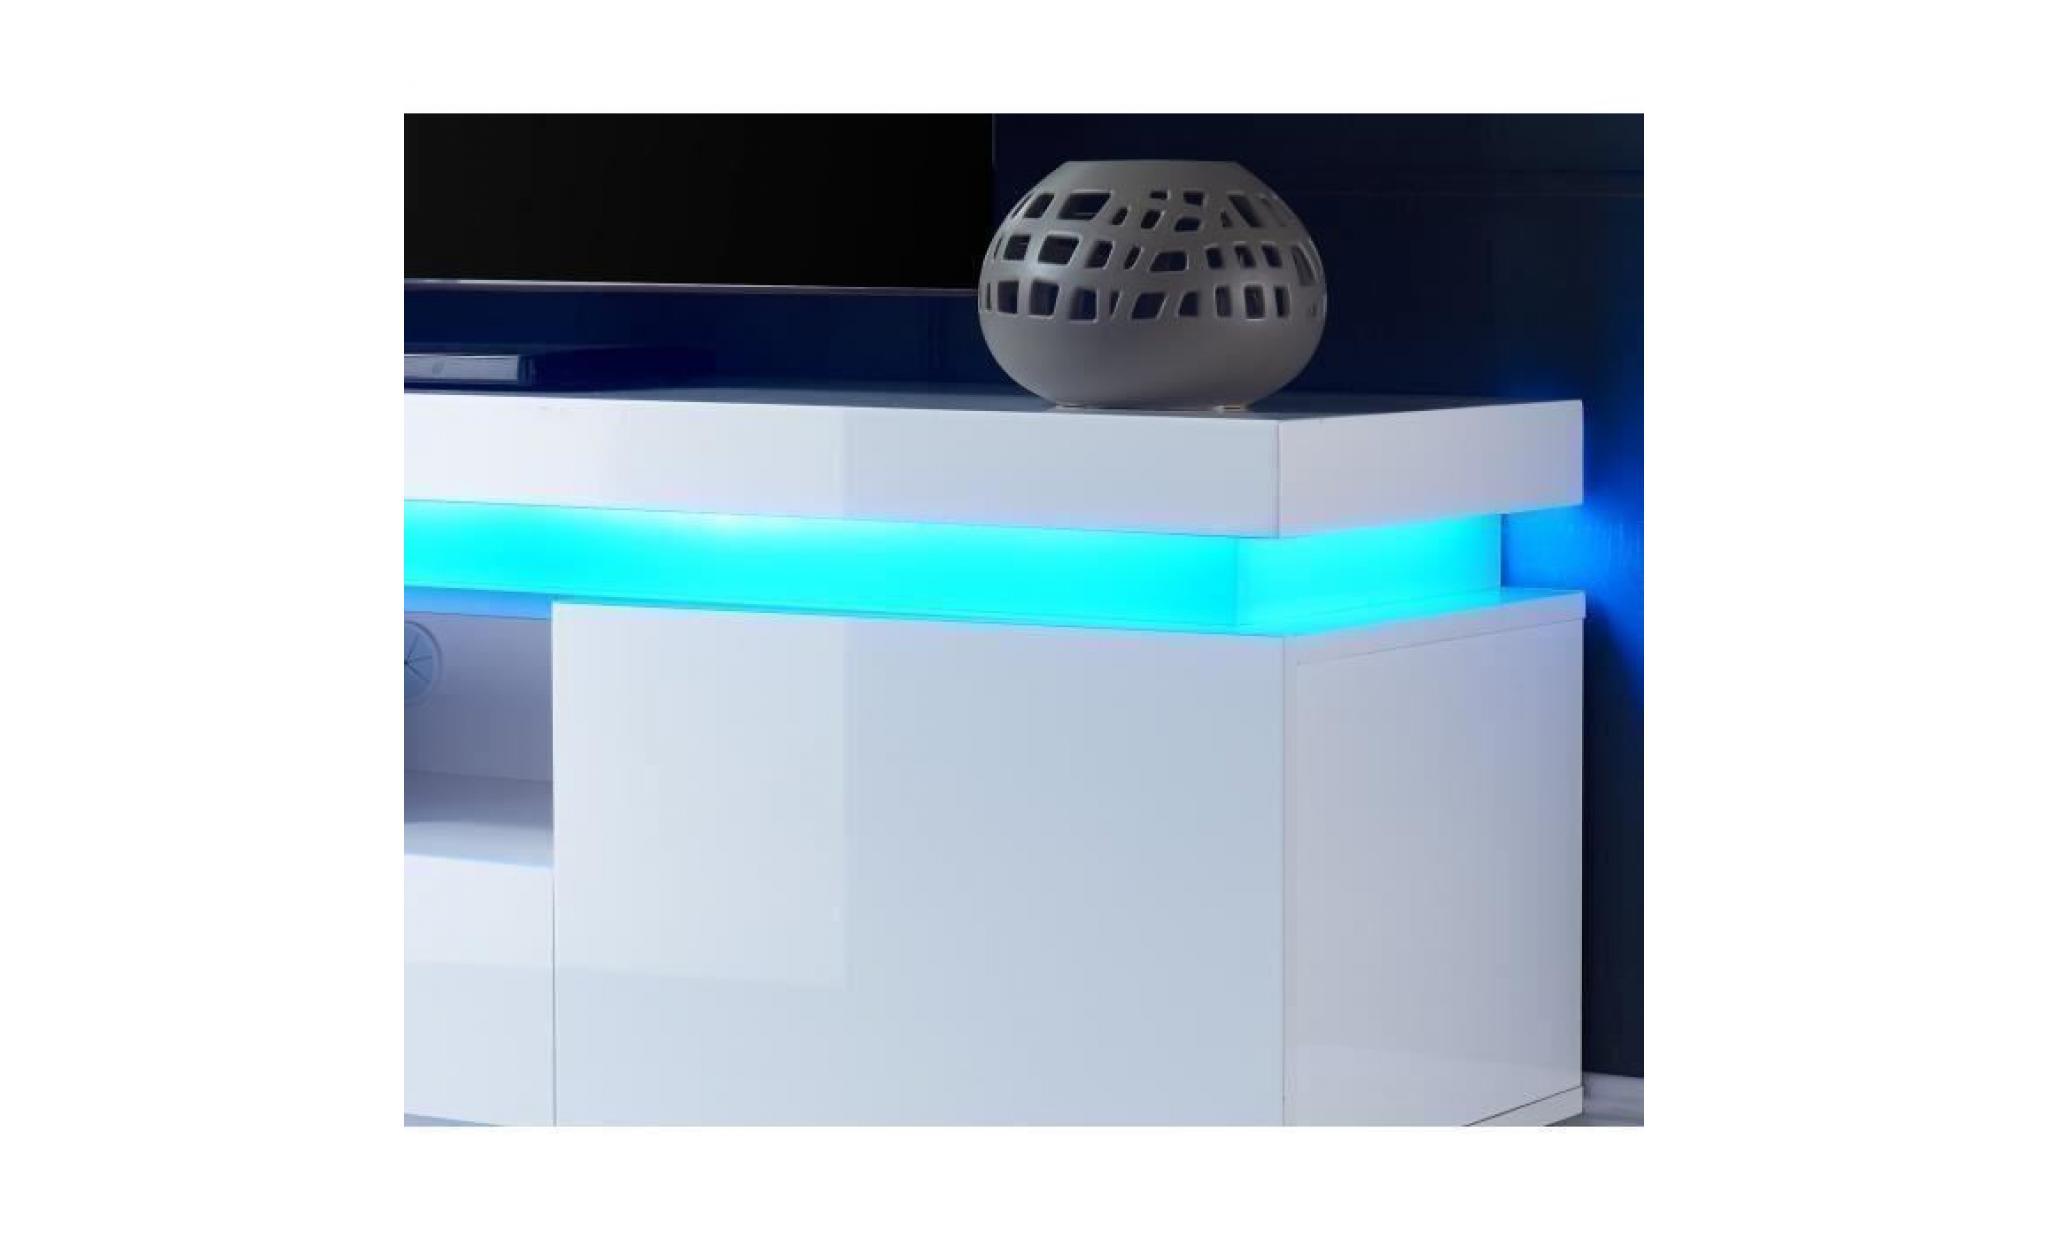 Flash Meuble Tv Avec Led Contemporain Blanc Laque Brillant L 165 Cm Achat Vente Meuble Tv Pas Cher Couleur Et Design Fr